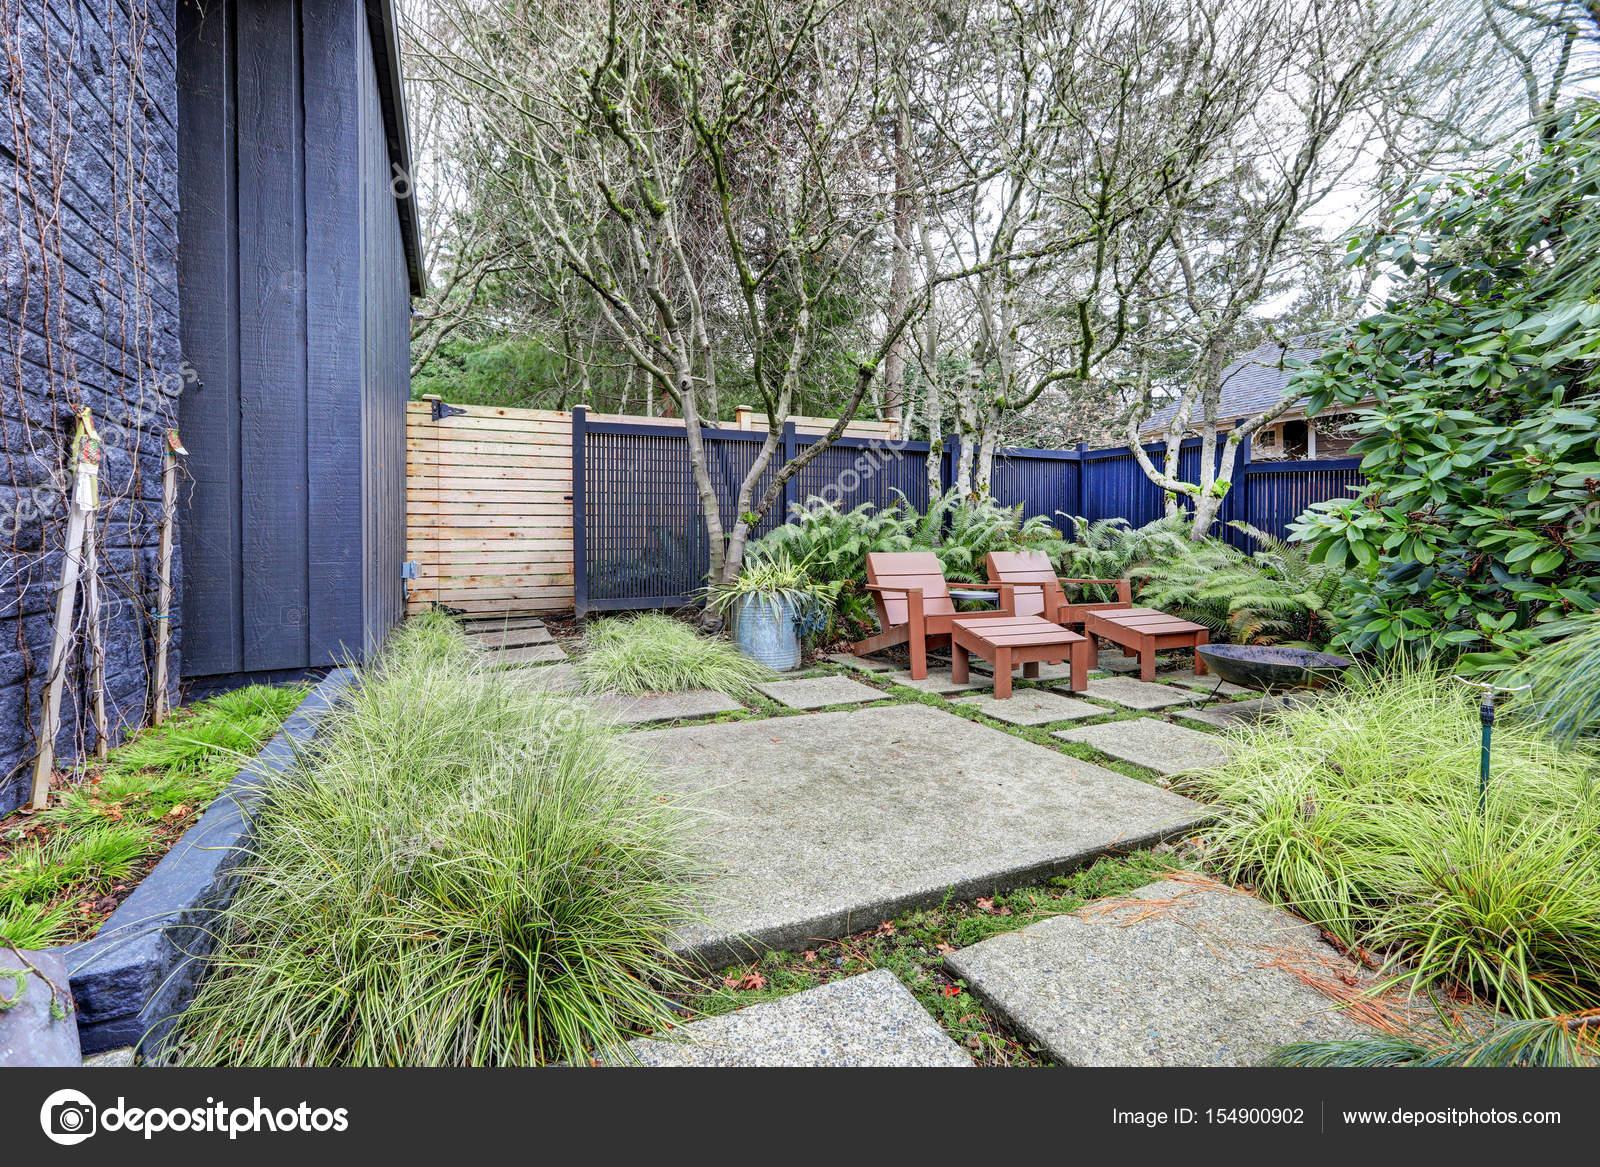 vorgarten mit blauen zaun und betonplatten — stockfoto © iriana88w